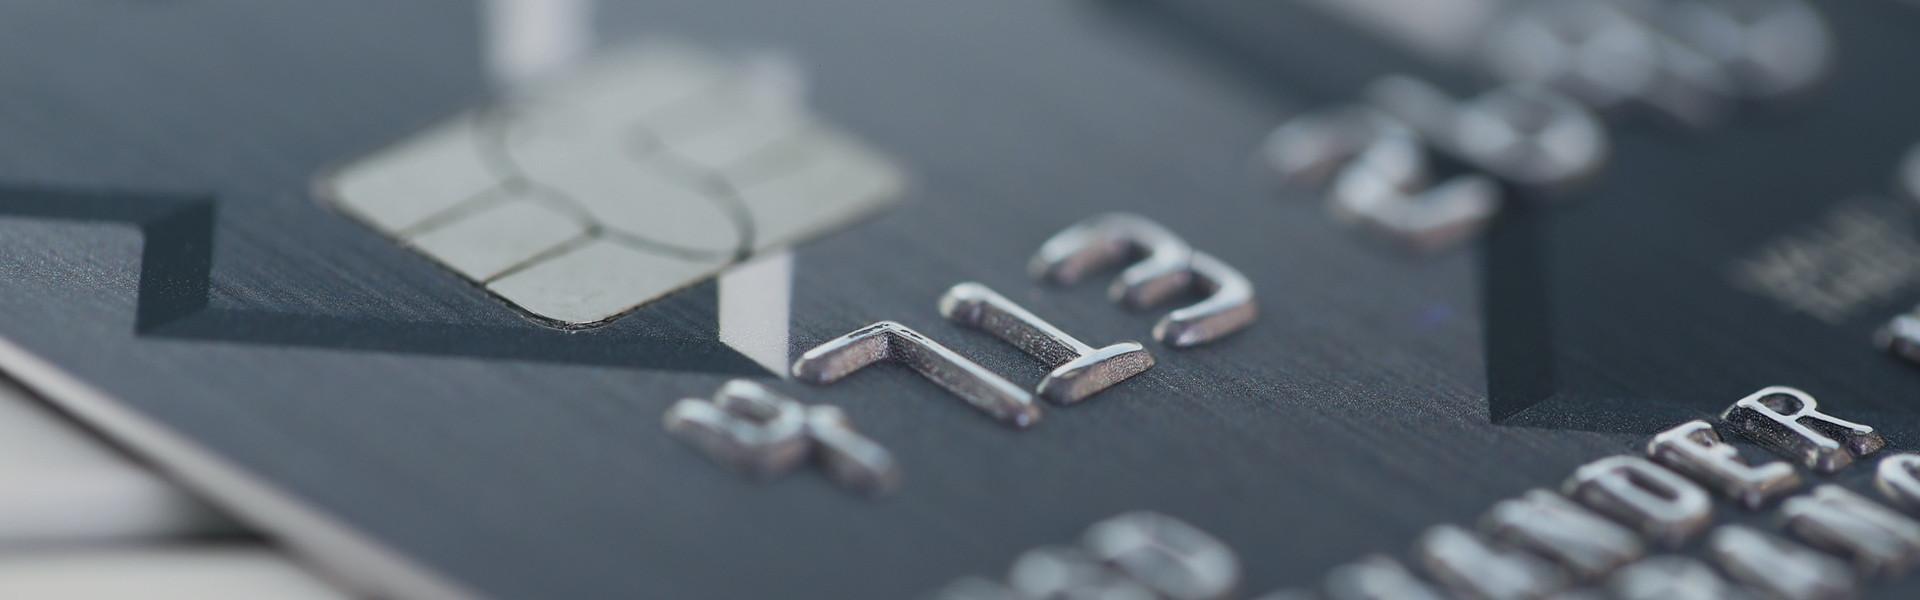 RBC Dominion valeurs mobilières inc. - Centropolis